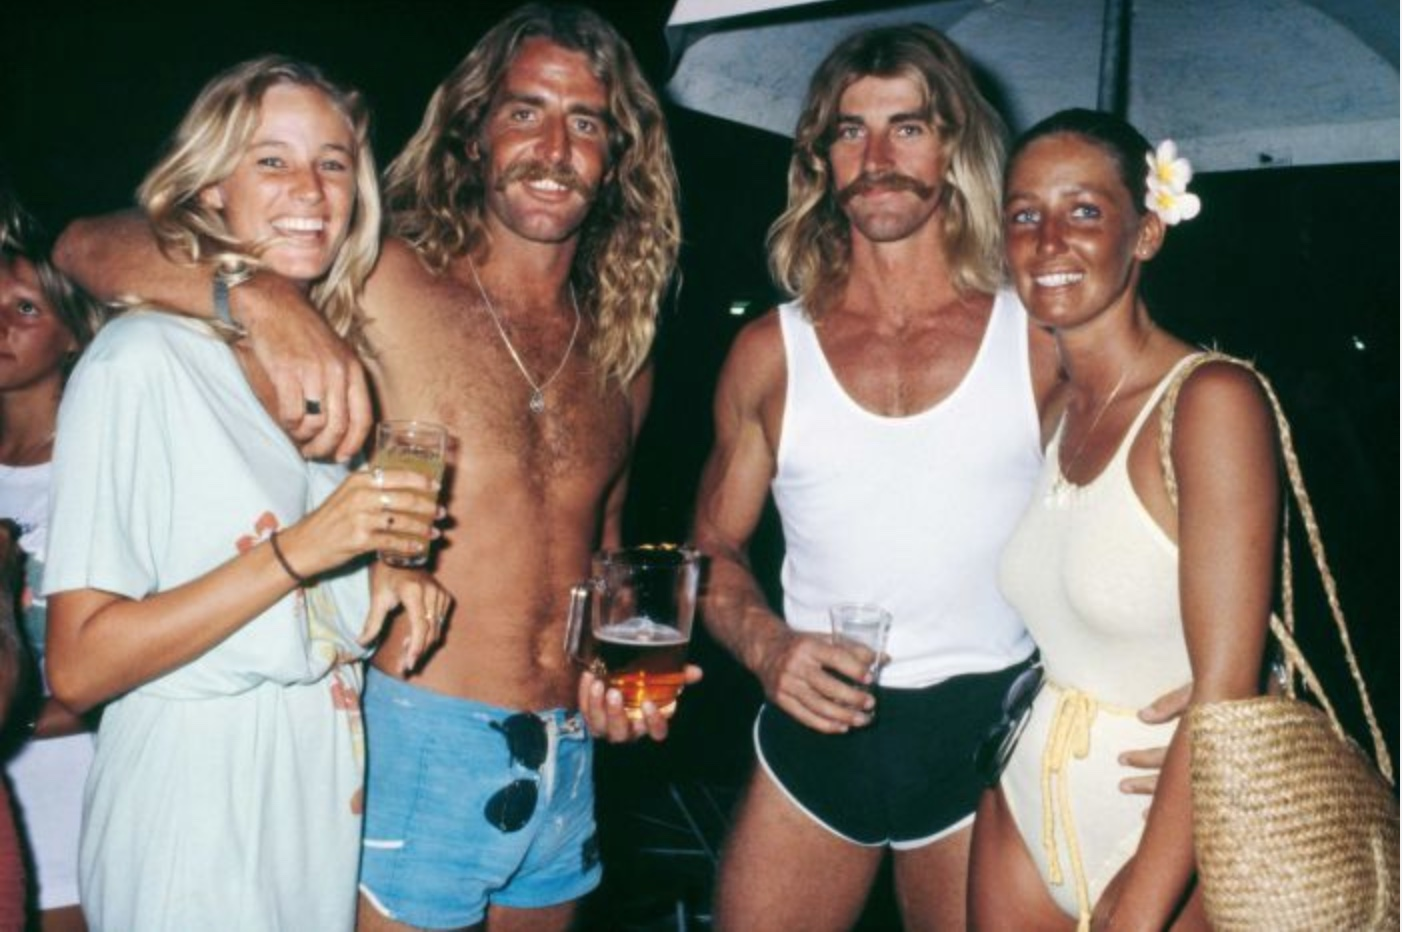 couples qld 1983.jpeg